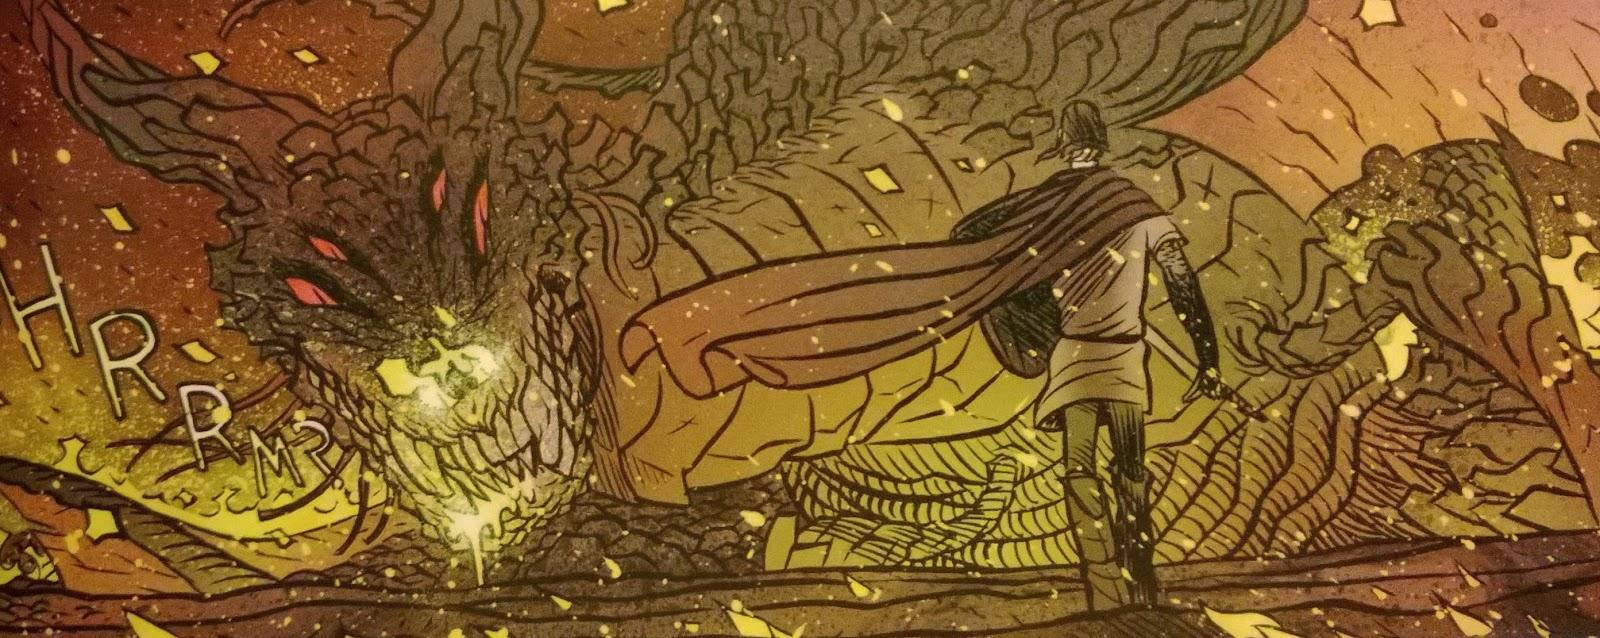 la espada y el dragón